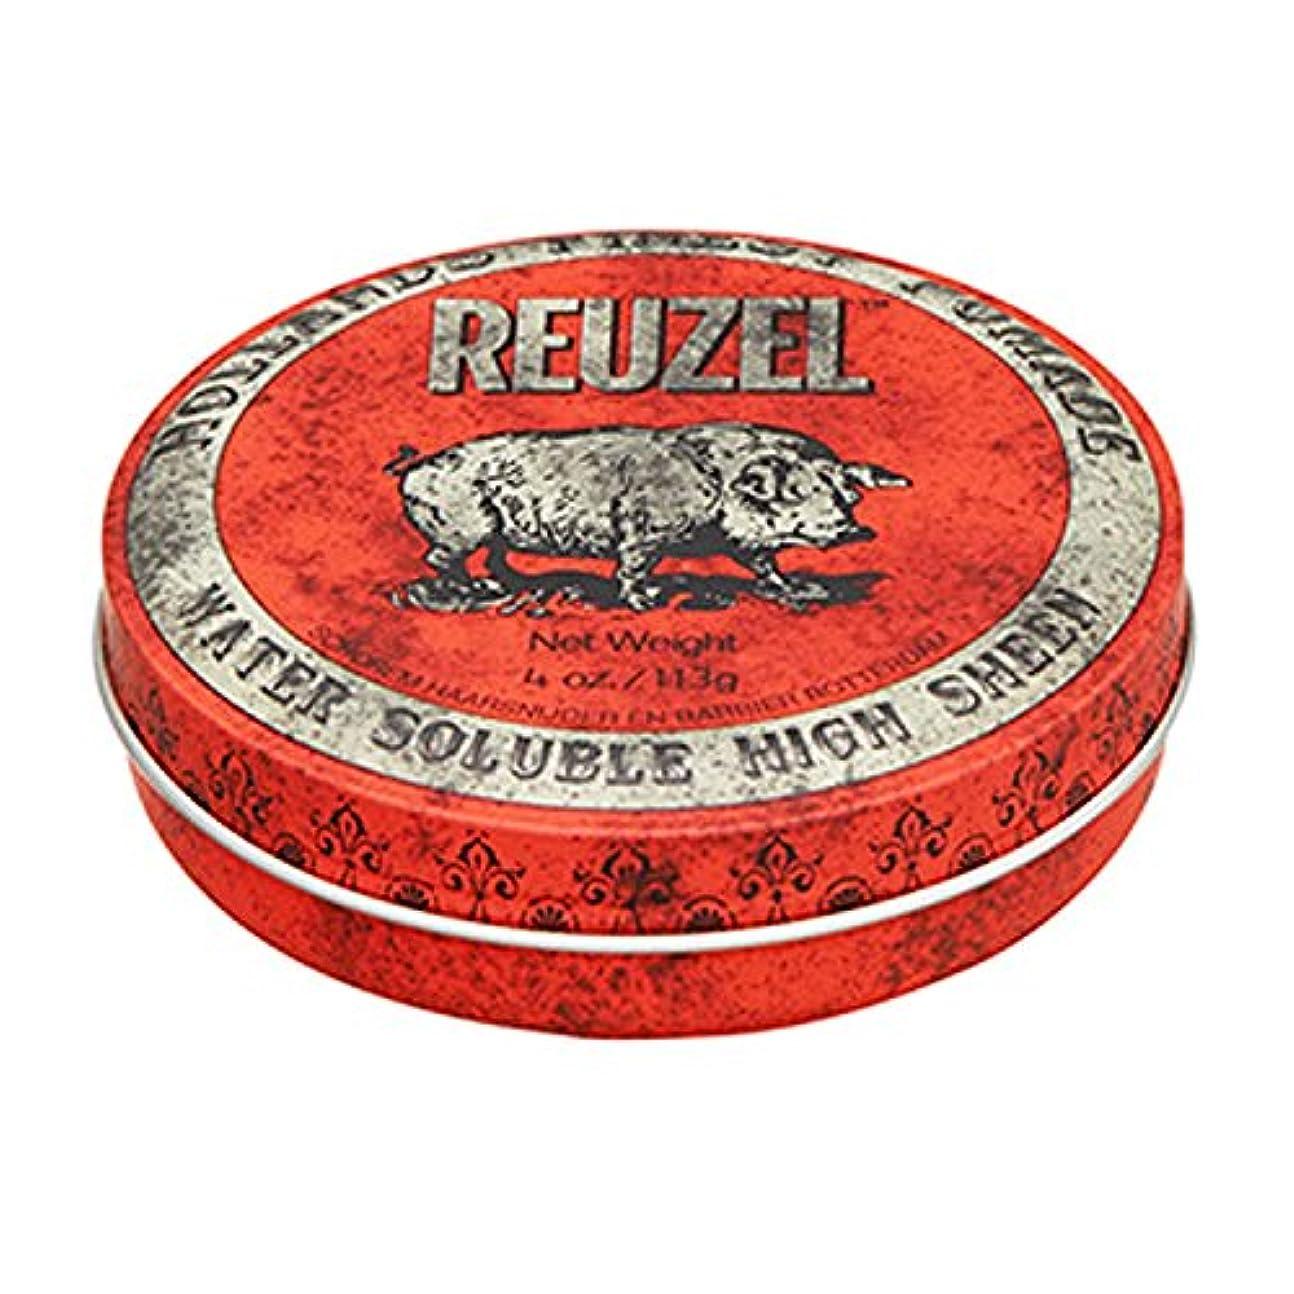 誰でも更新するカウンターパートルーゾー REUZEL HIGH SHEEN ノーマルホールド レッド 113g